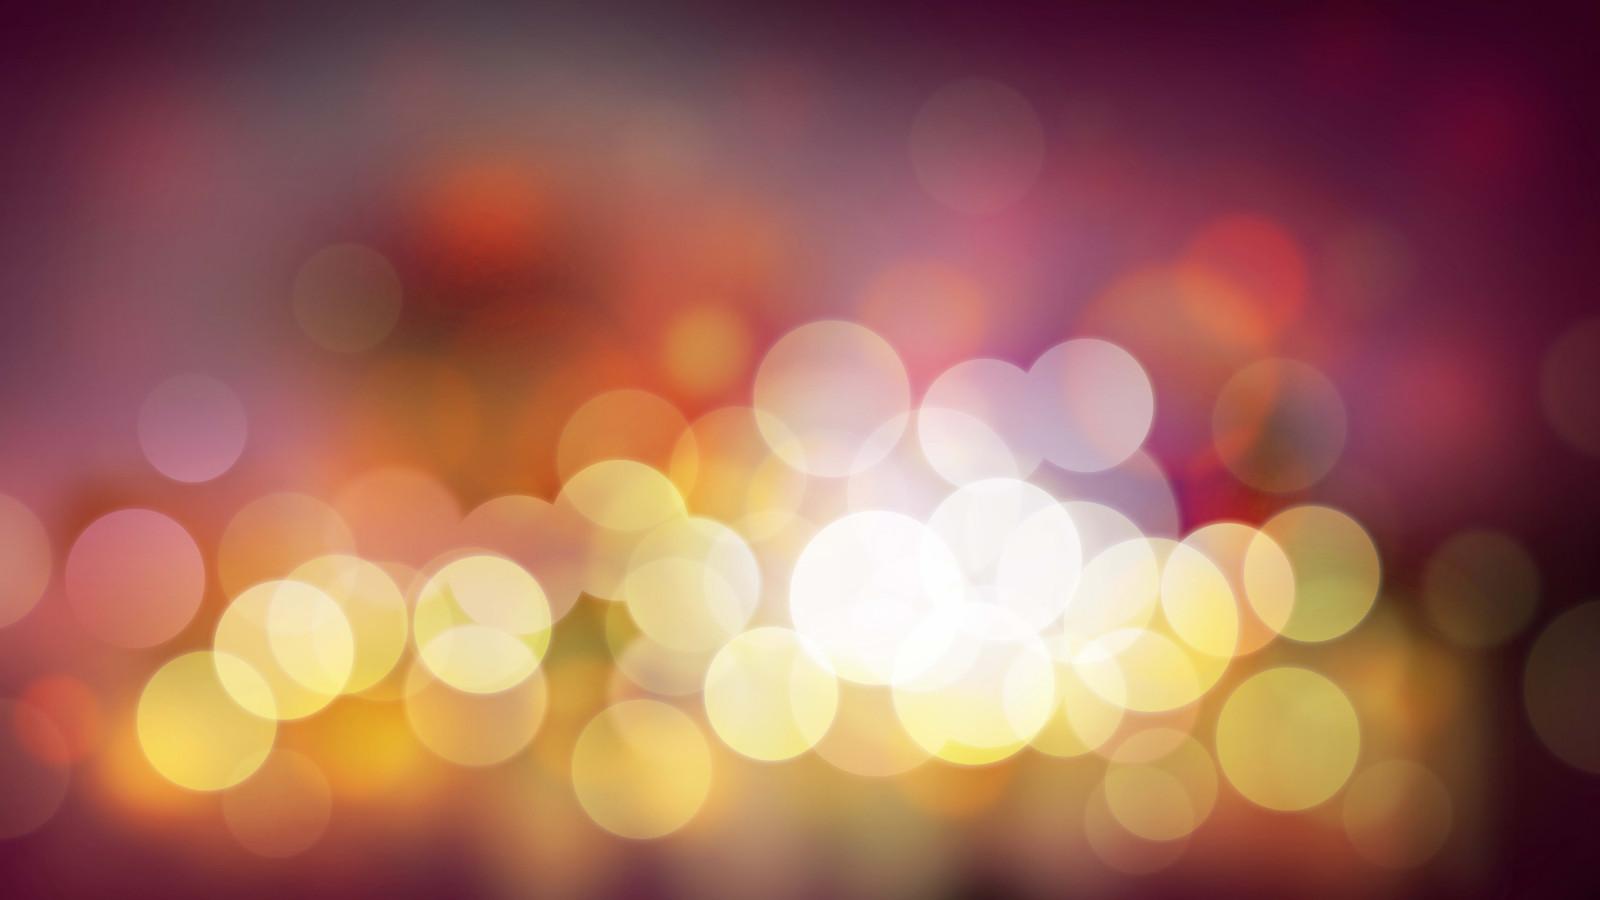 Fond d'écran : lumière du soleil, lumières, nuit, Fond violet, jaune, cercle, reflet, rose ...